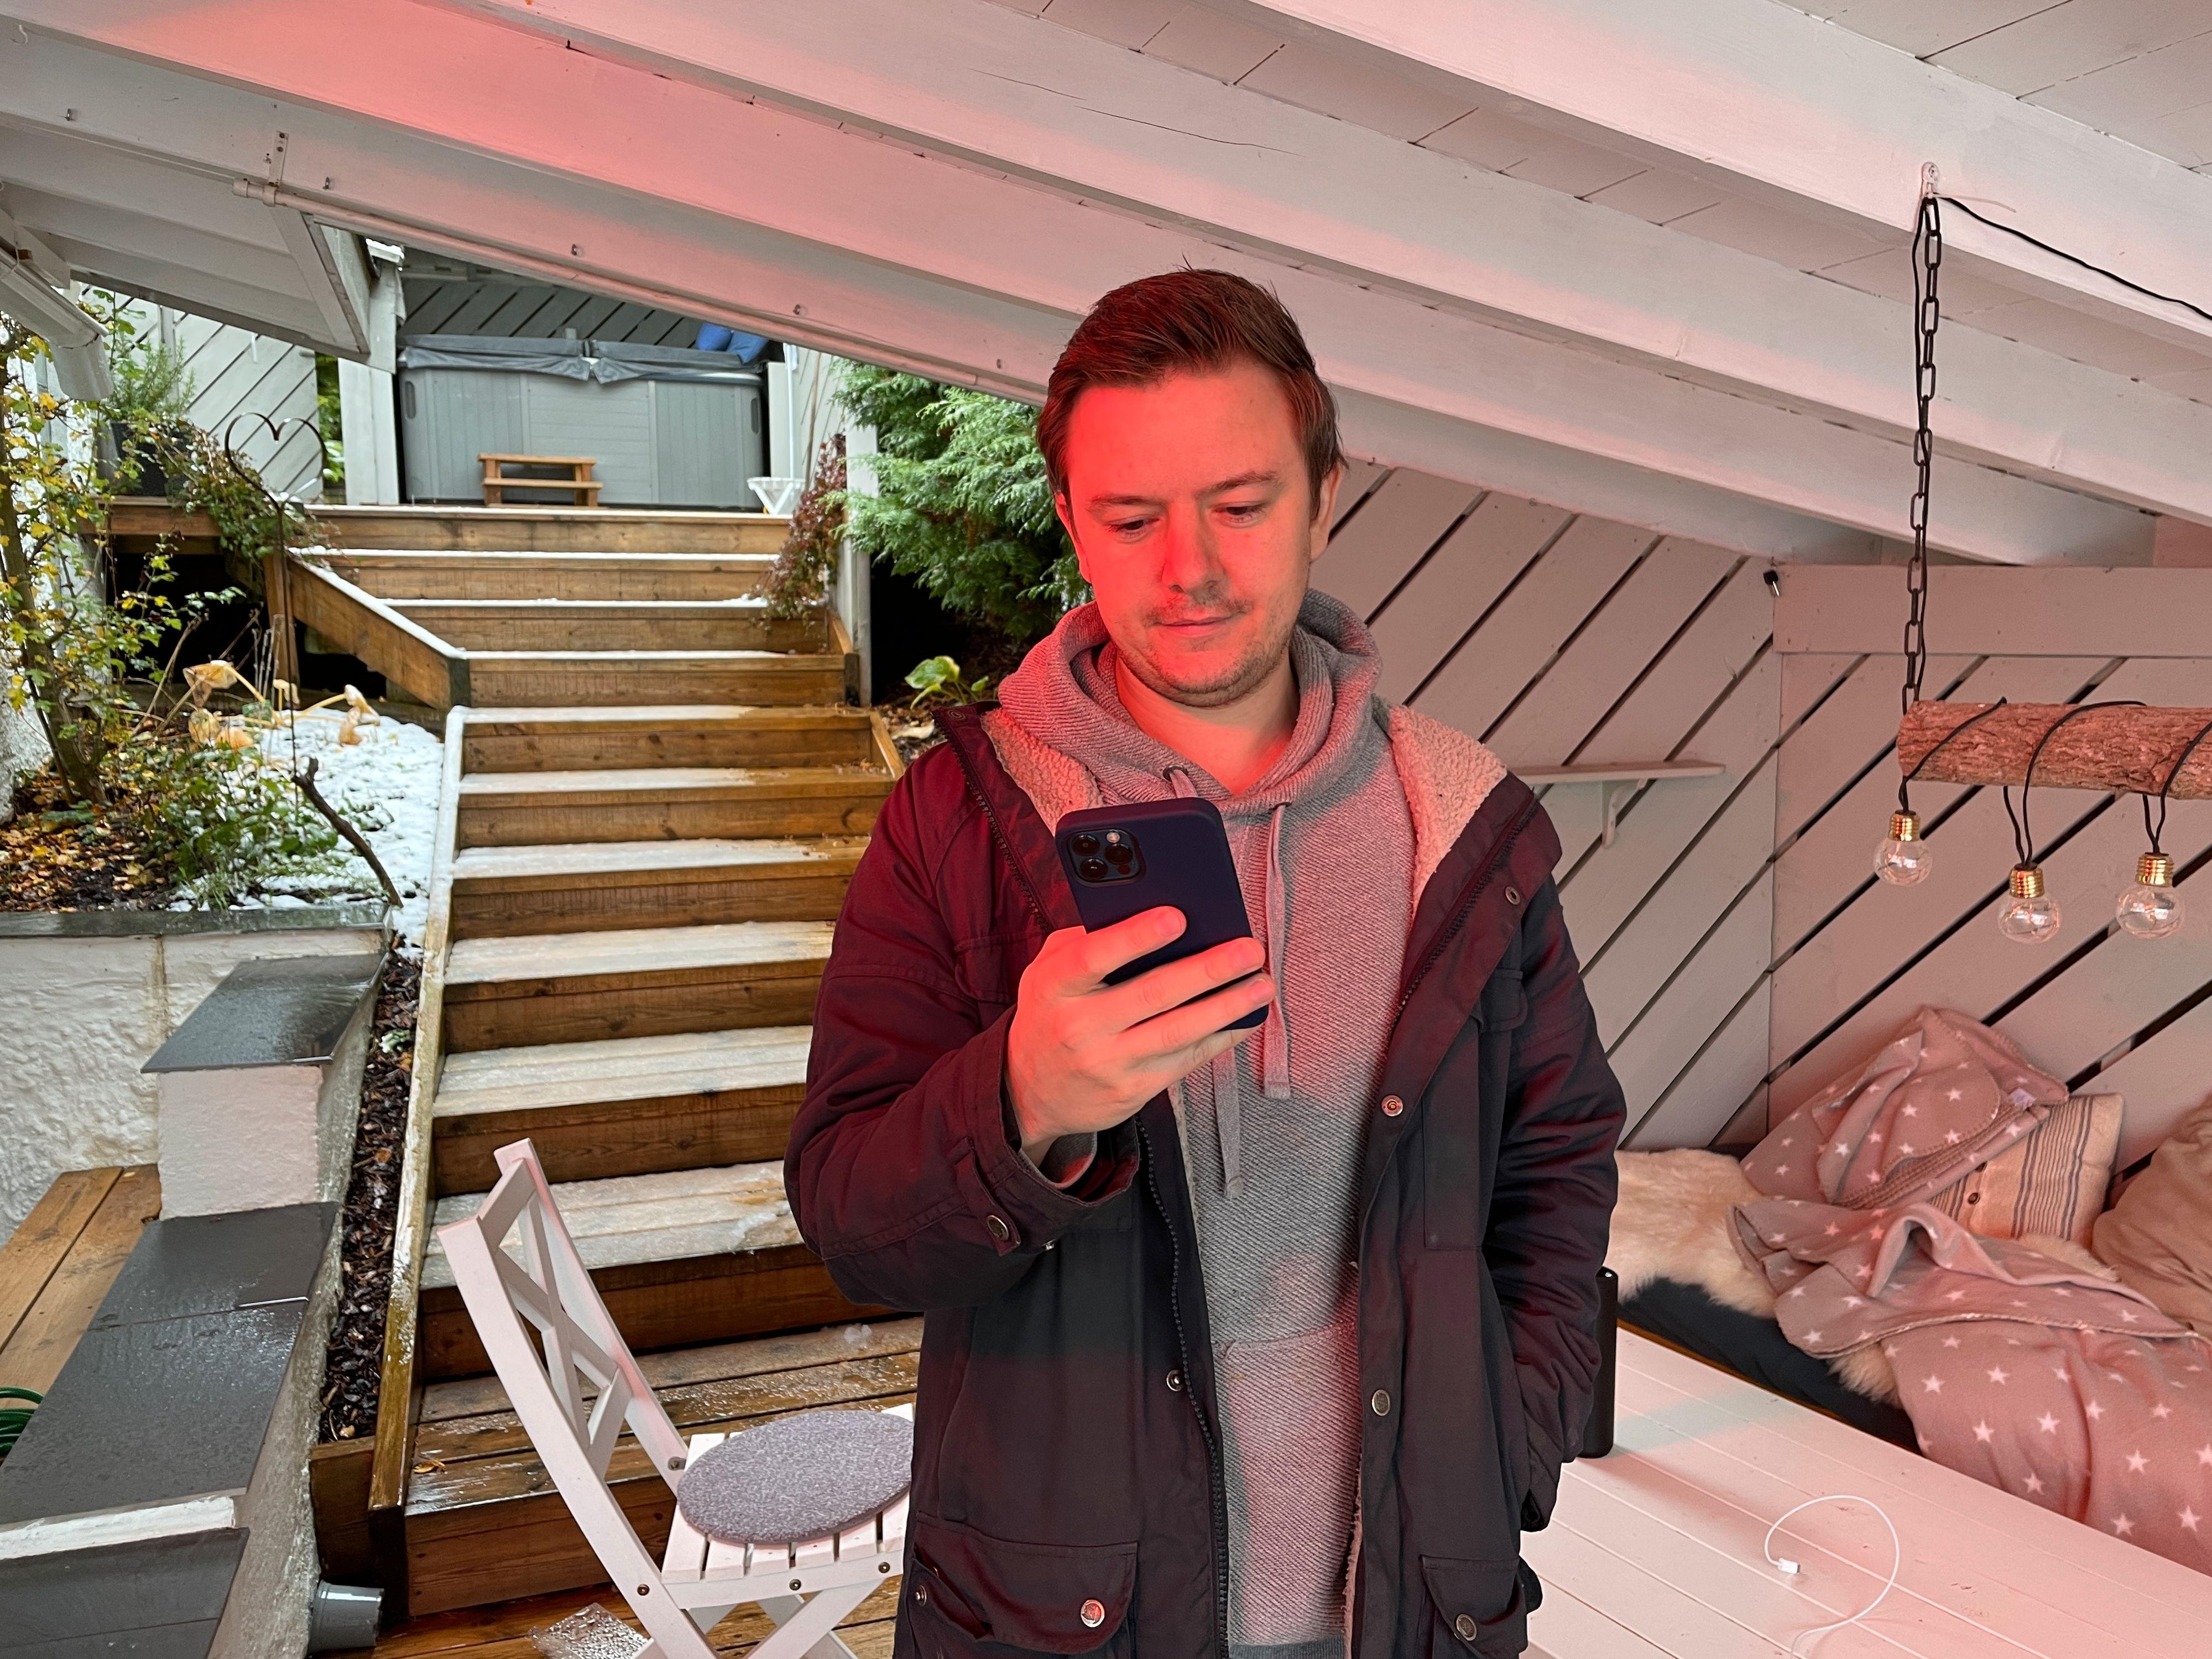 Niklas Plikk i lyset fra en varmelampe. Jeg har sett mobiler bli svært forvirret av infravarmere, men iPhone klarer seg greit.